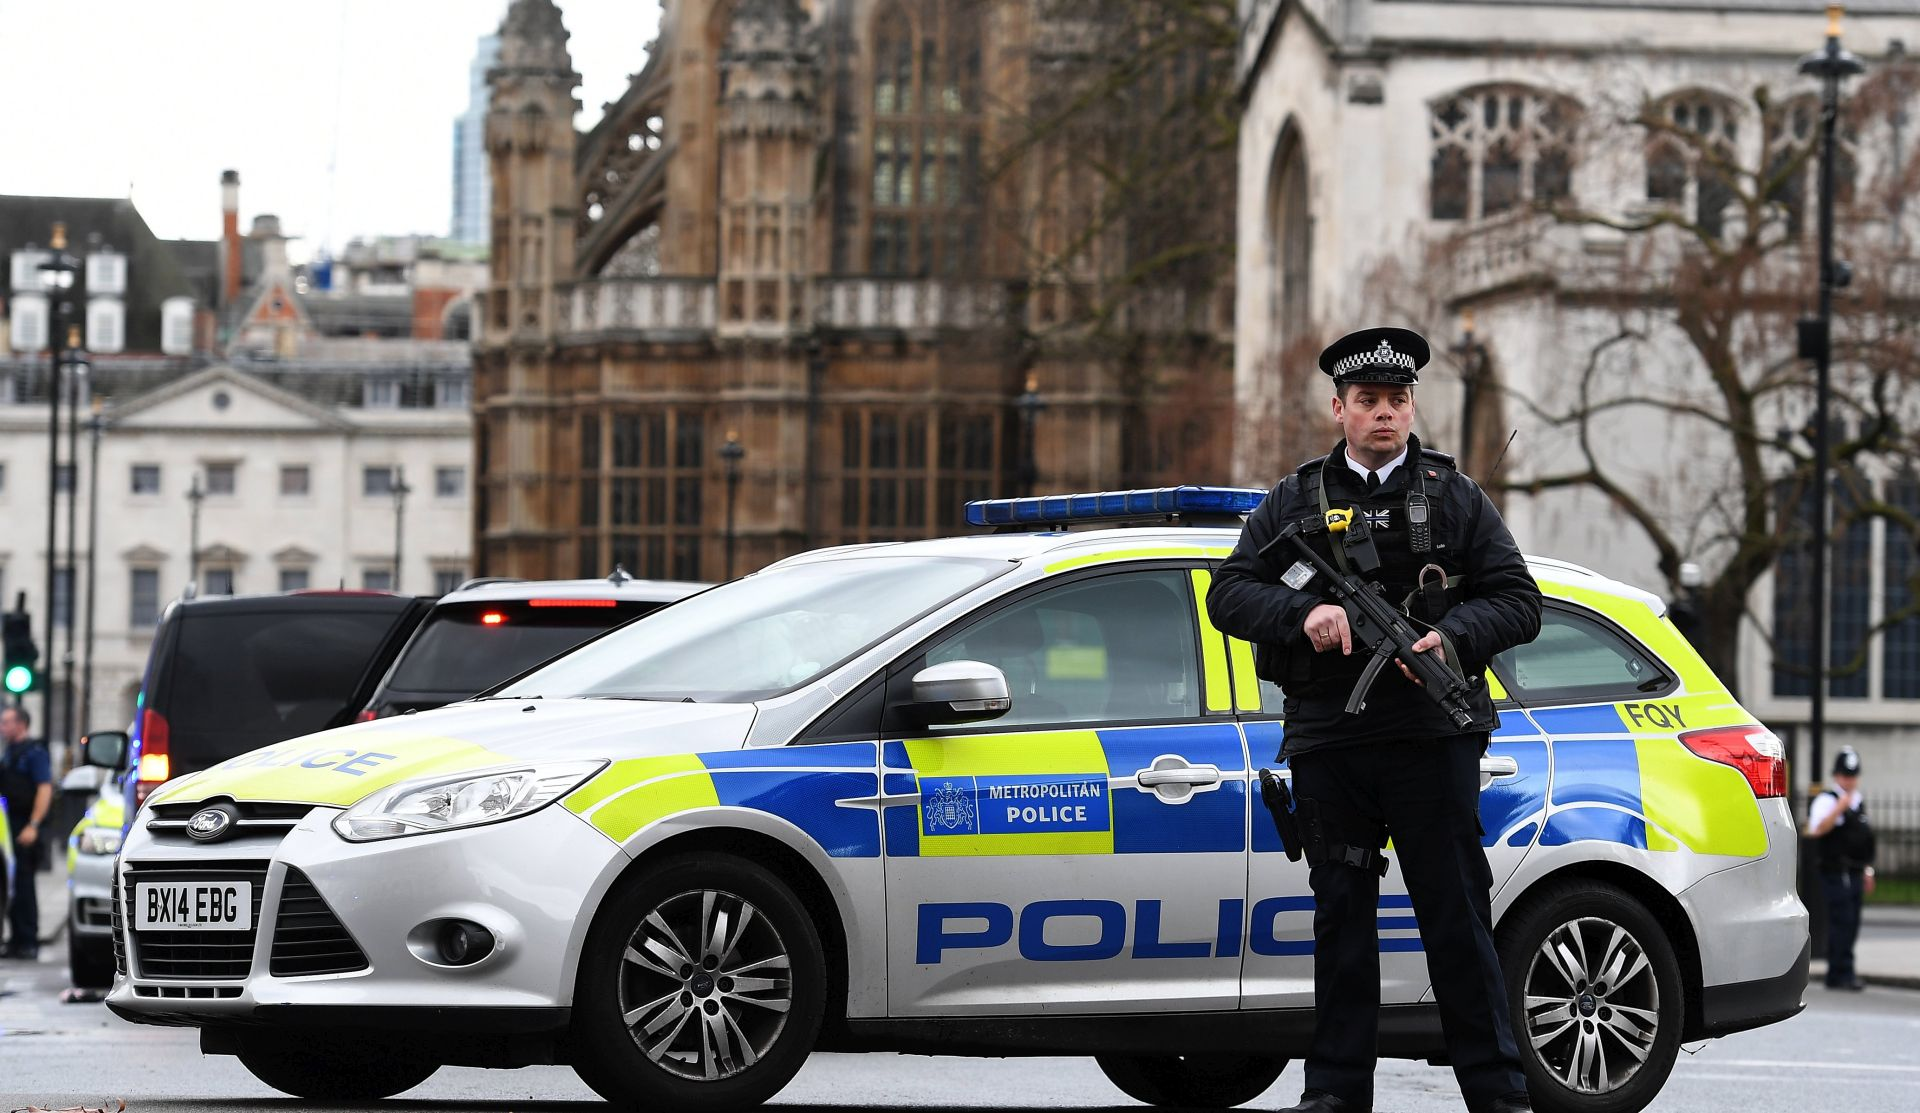 Teroristički napadi u velikim europskim gradovima sve su češći